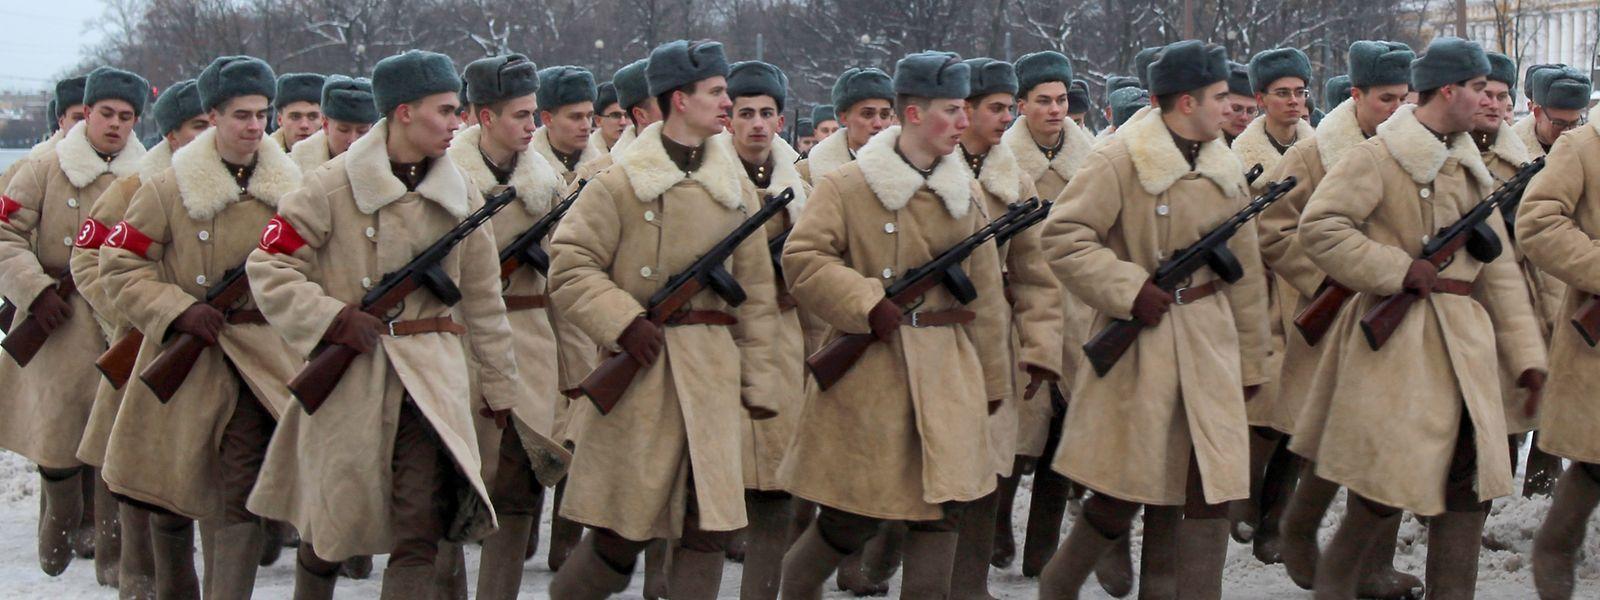 Soldaten üben vor dem einstigen Zarenpalast für eine Parade zum Gedenken an die Blockade von Leningrad.